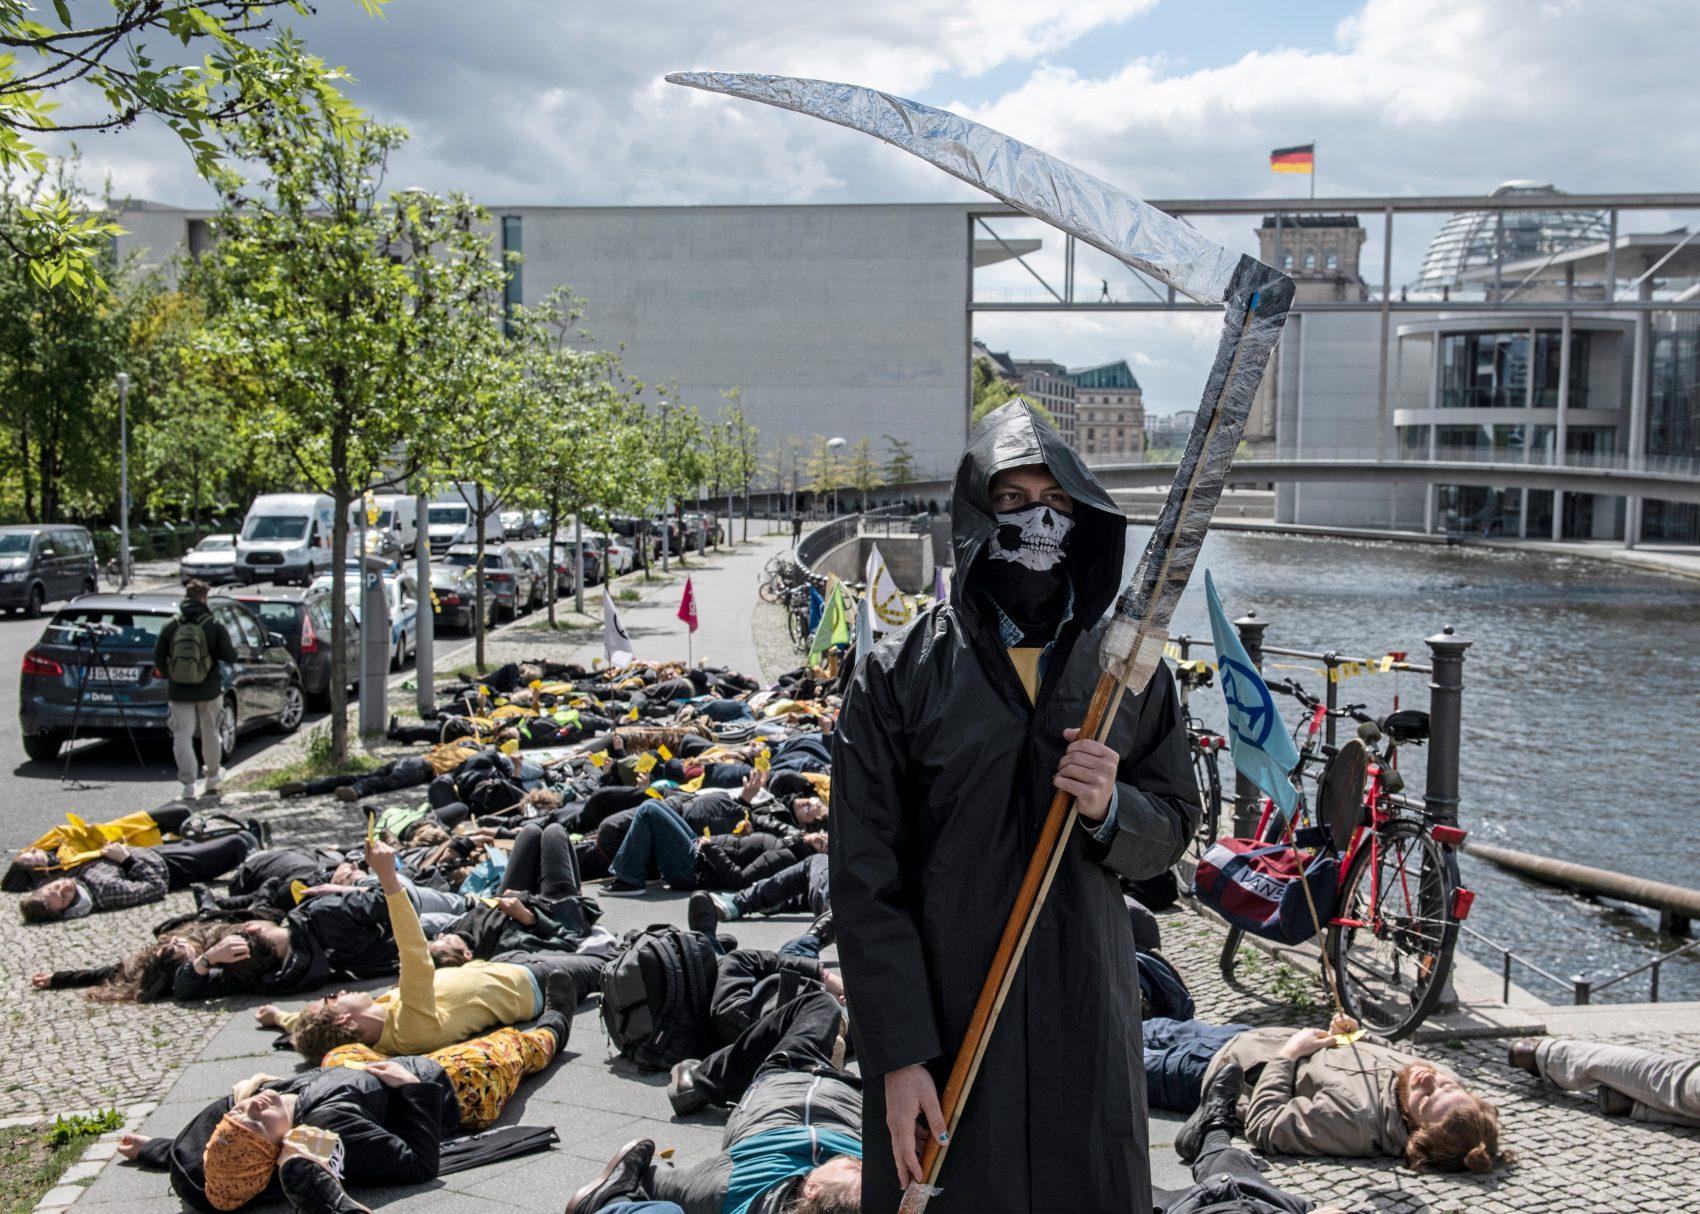 Protesto contra a extinção de espécies provocada pelo ser humano em Berlim: 40% dos anfíbios, 33% dos tubarões, 25% dos grupos de plantas (Foto: Paul Zinken/DPA)